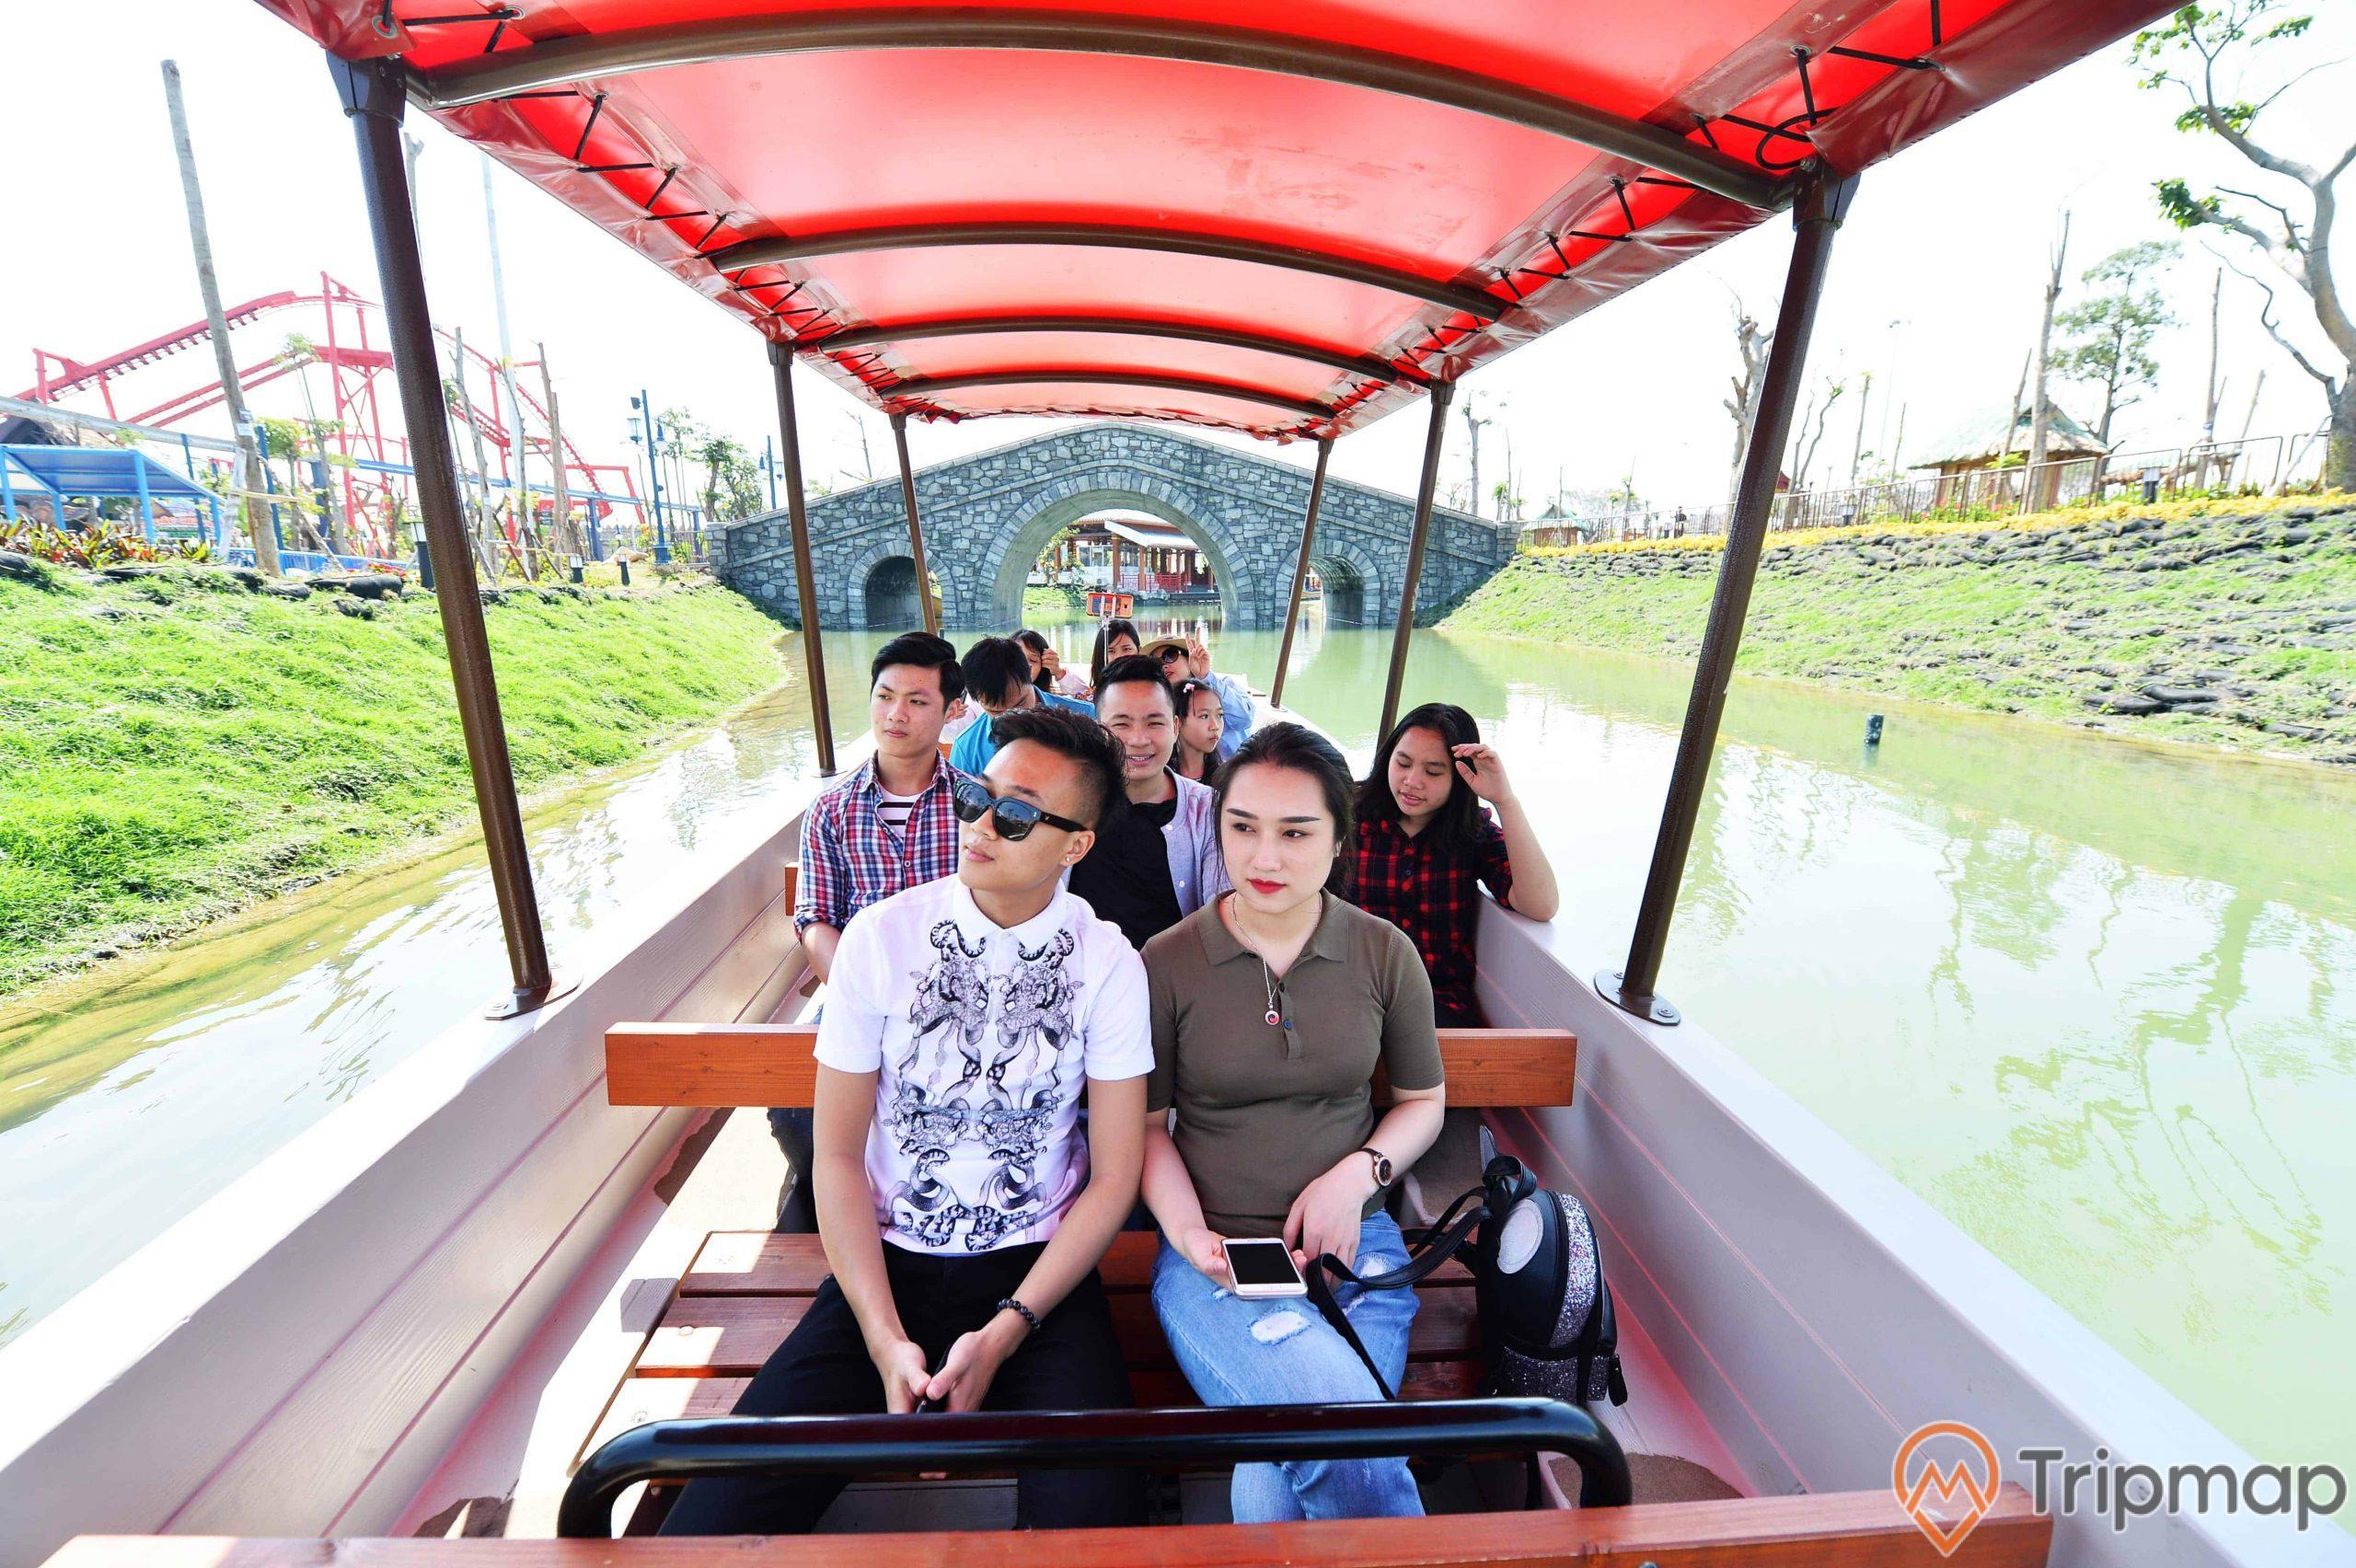 Một du thuyền nhỏ xinh xắn trên dòng sông êm đềm, du khách đang trong thuyền trên mặt sông, hai bên bờ sông cỏ xanh tươi, ảnh chụp ban ngày trời nắng